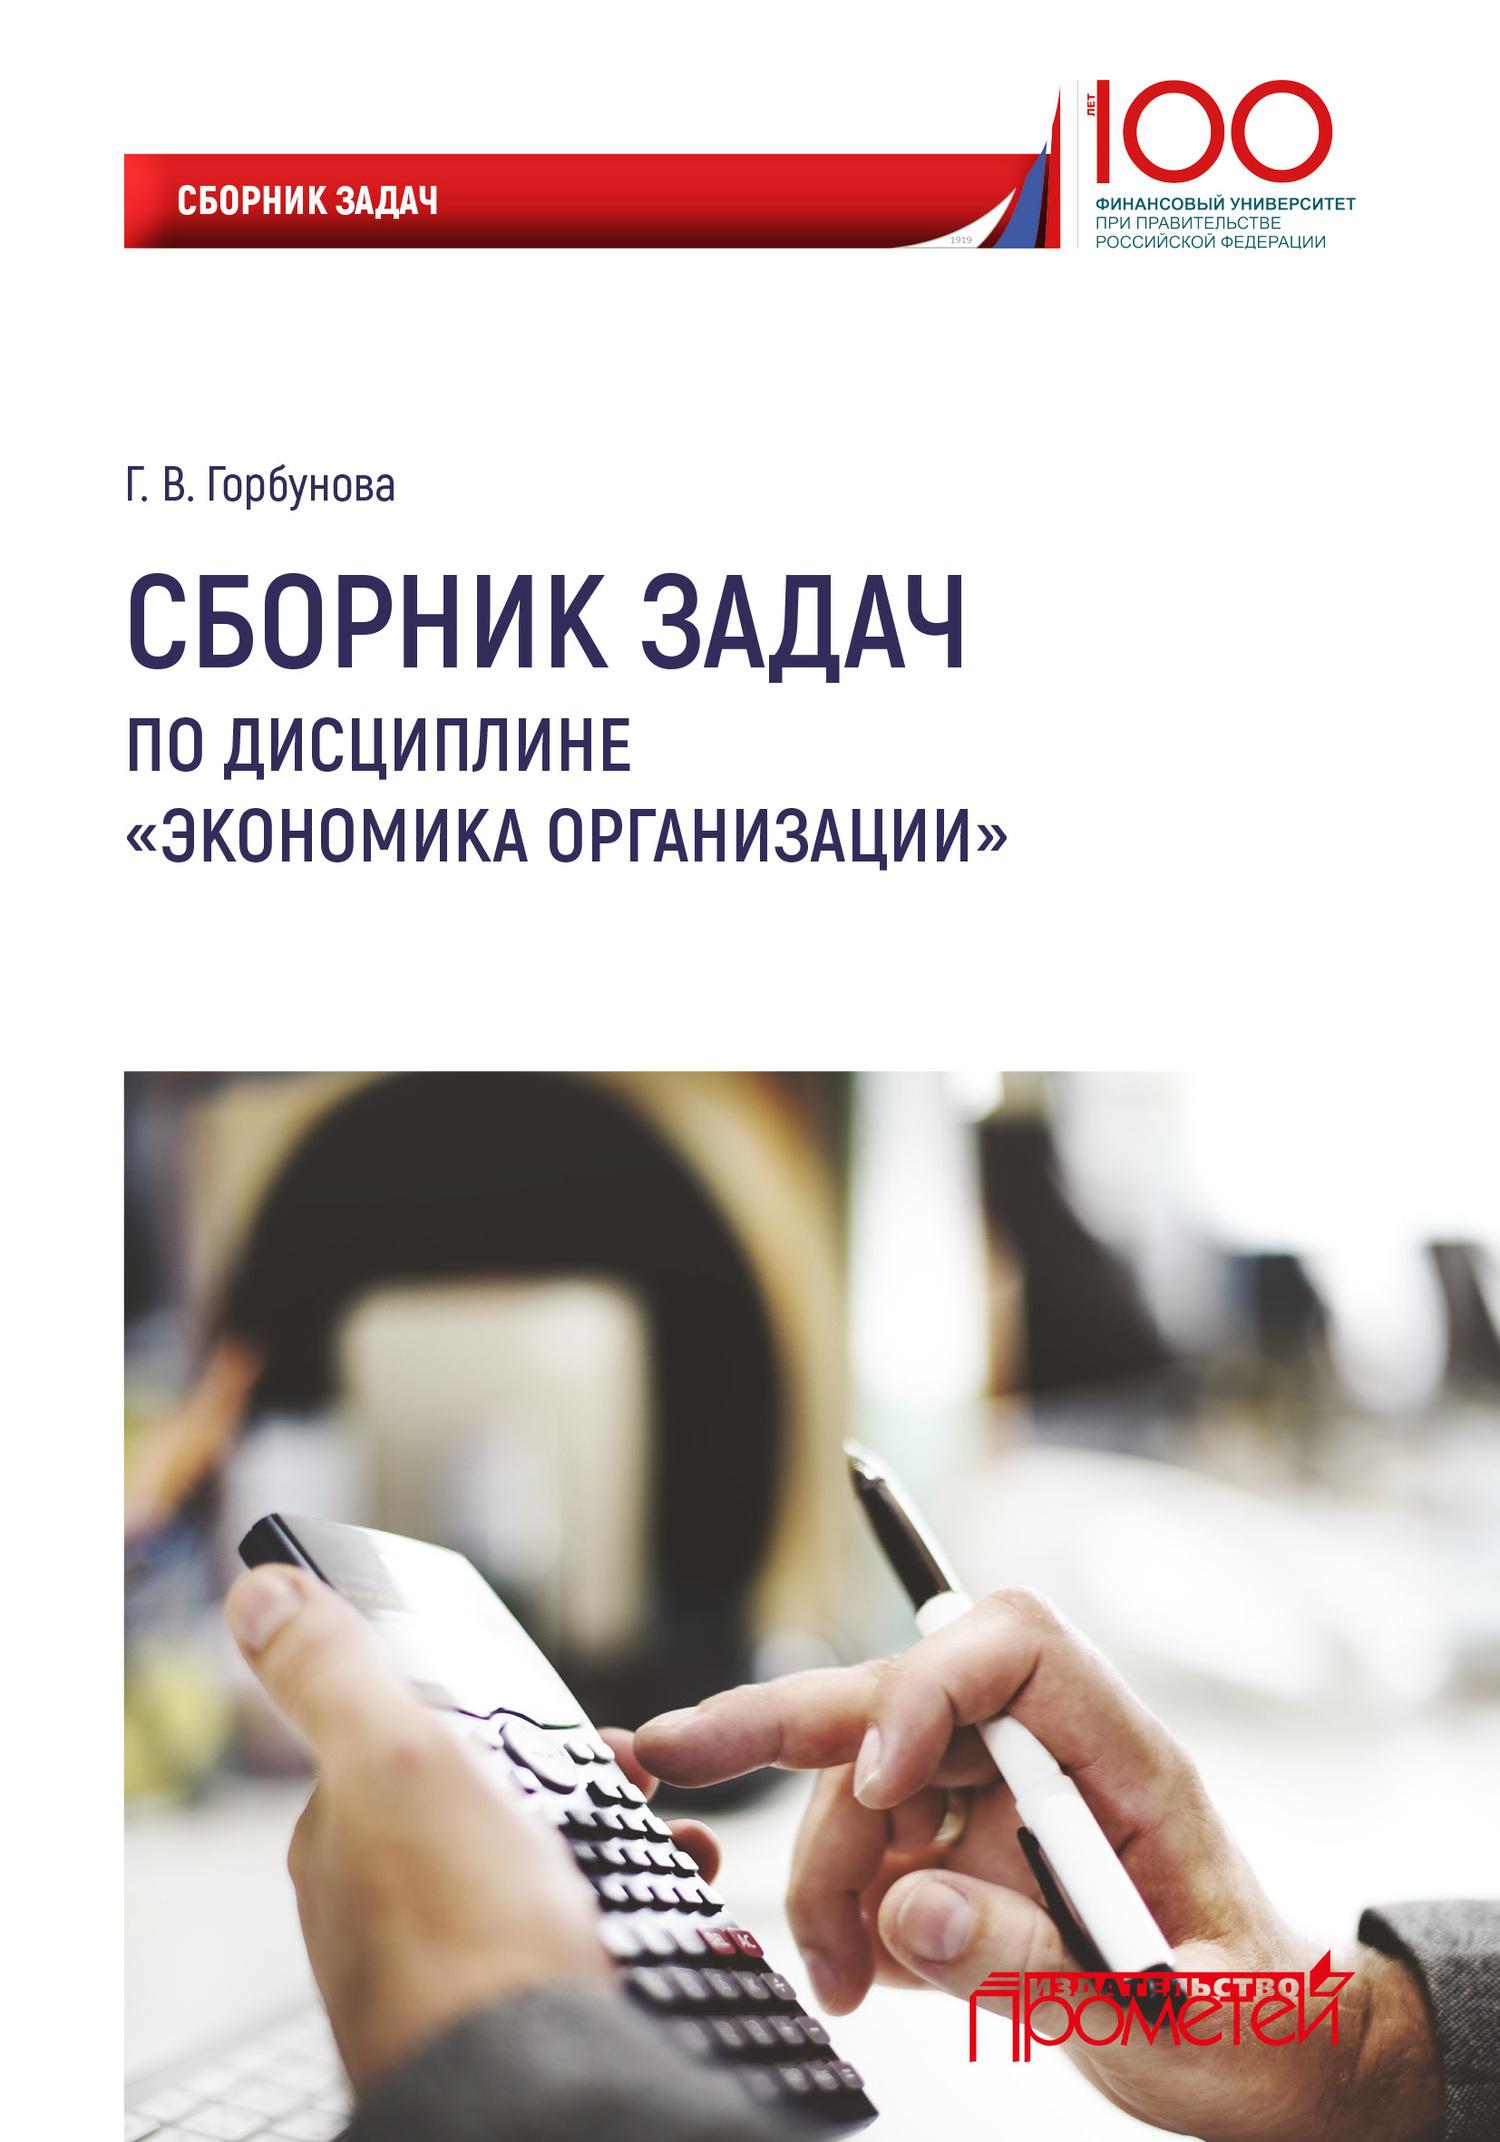 Обложка книги. Автор - Галина Горбунова